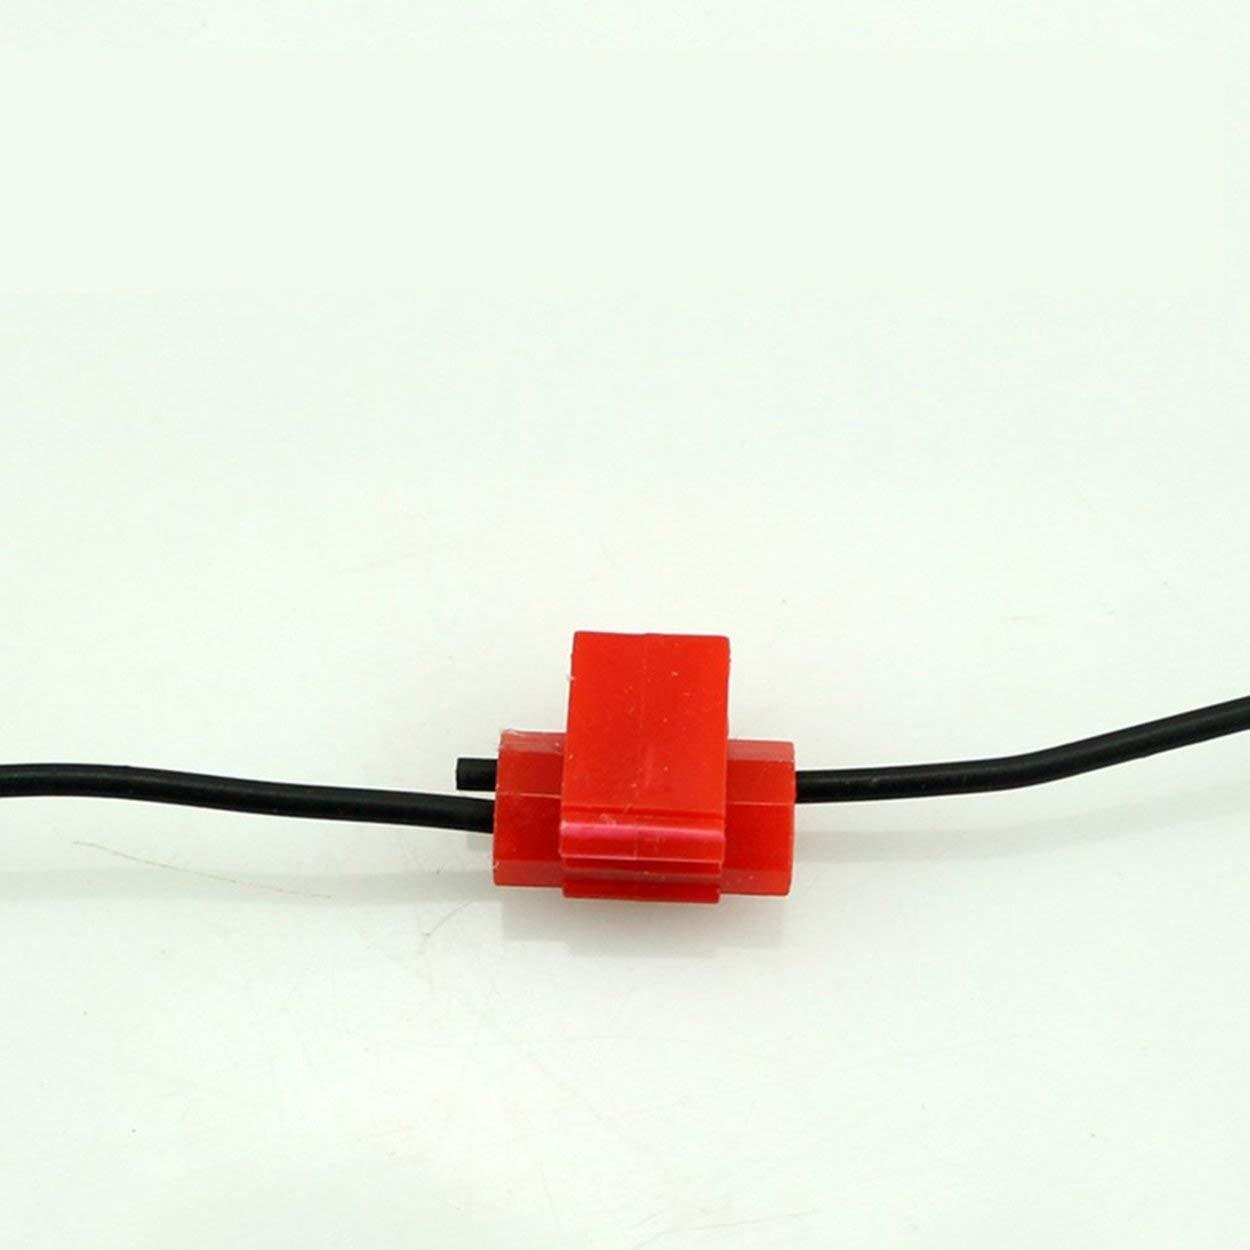 Lorenlli Terminales de Empalme r/ápidos de Conectores de Cable de Bloqueo escoc/és de 10 Piezas Crimp Electrical